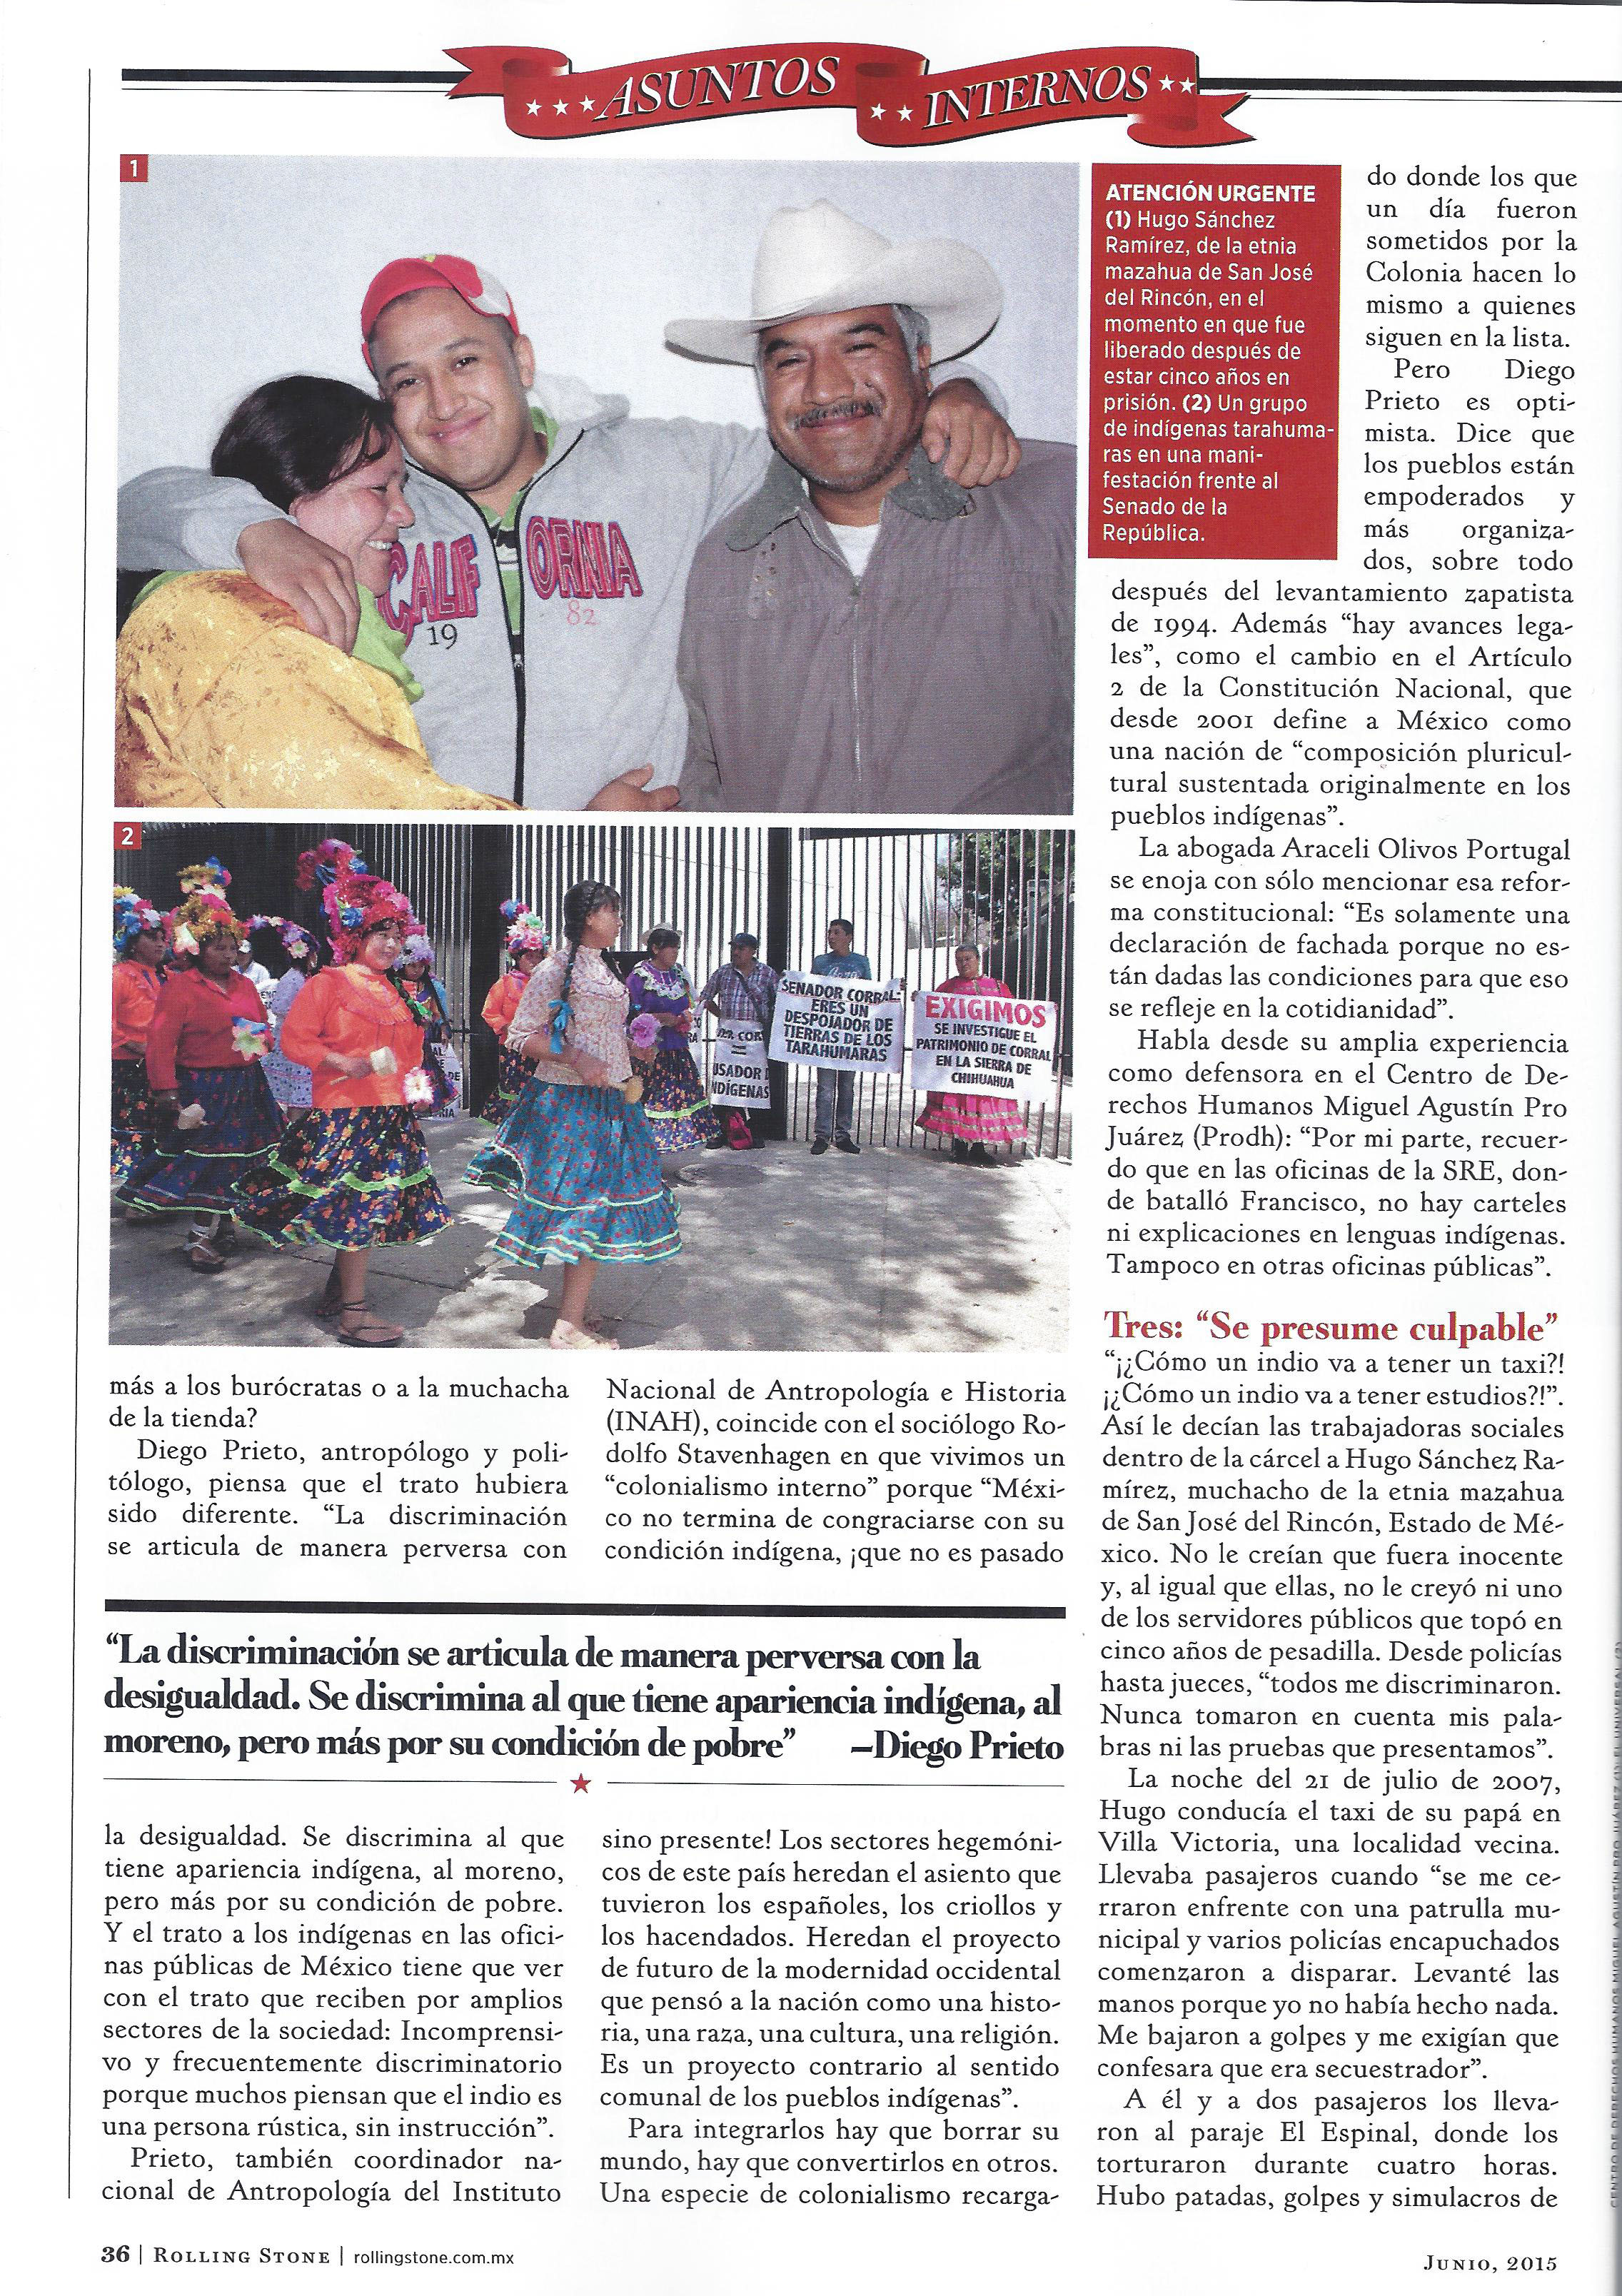 RS_discriminación_03